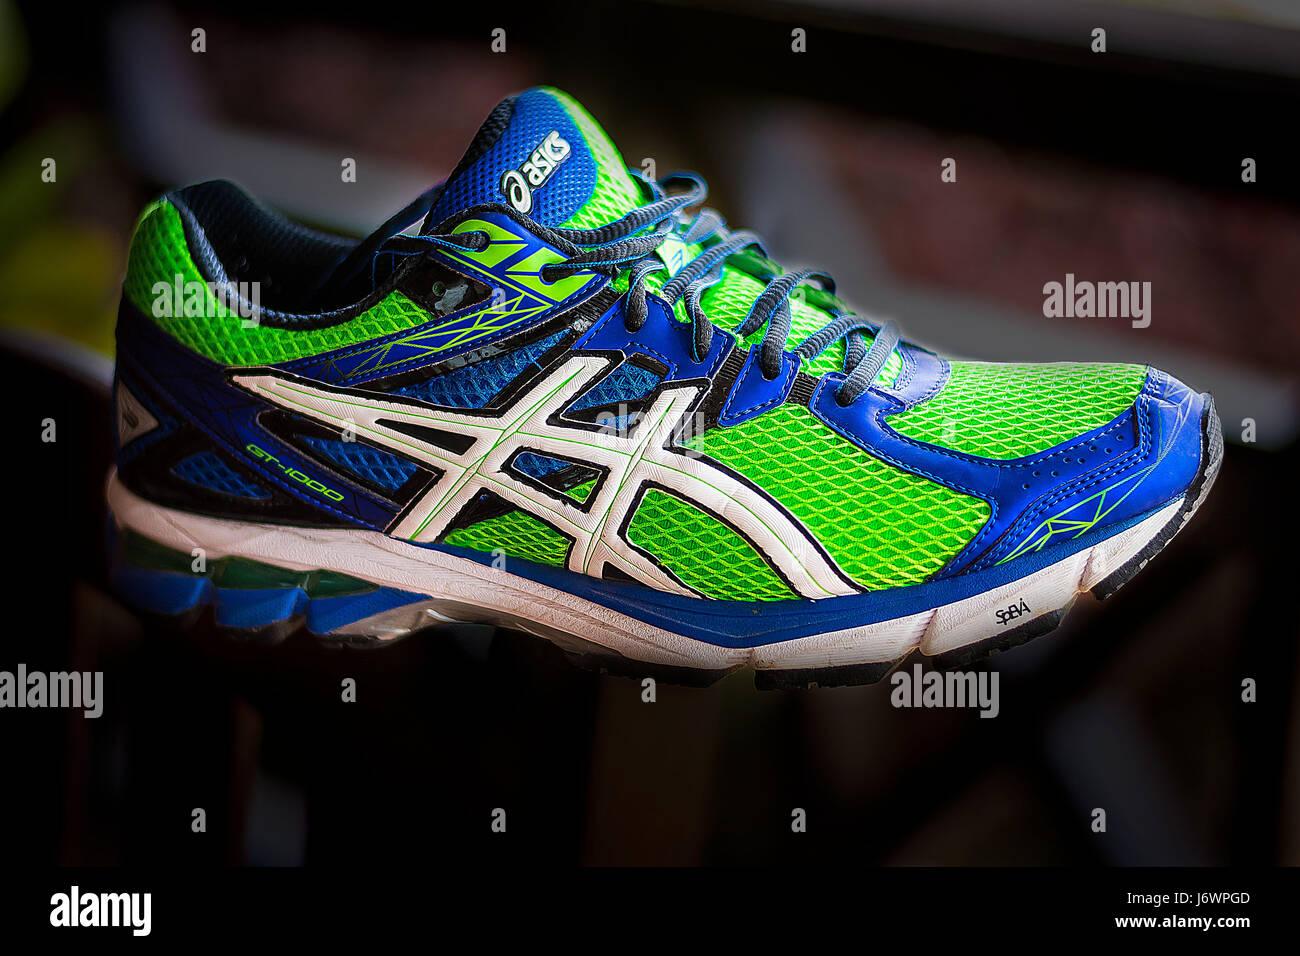 ASICS Schuhe Bilder für Werbung in gedruckter Form oder auf